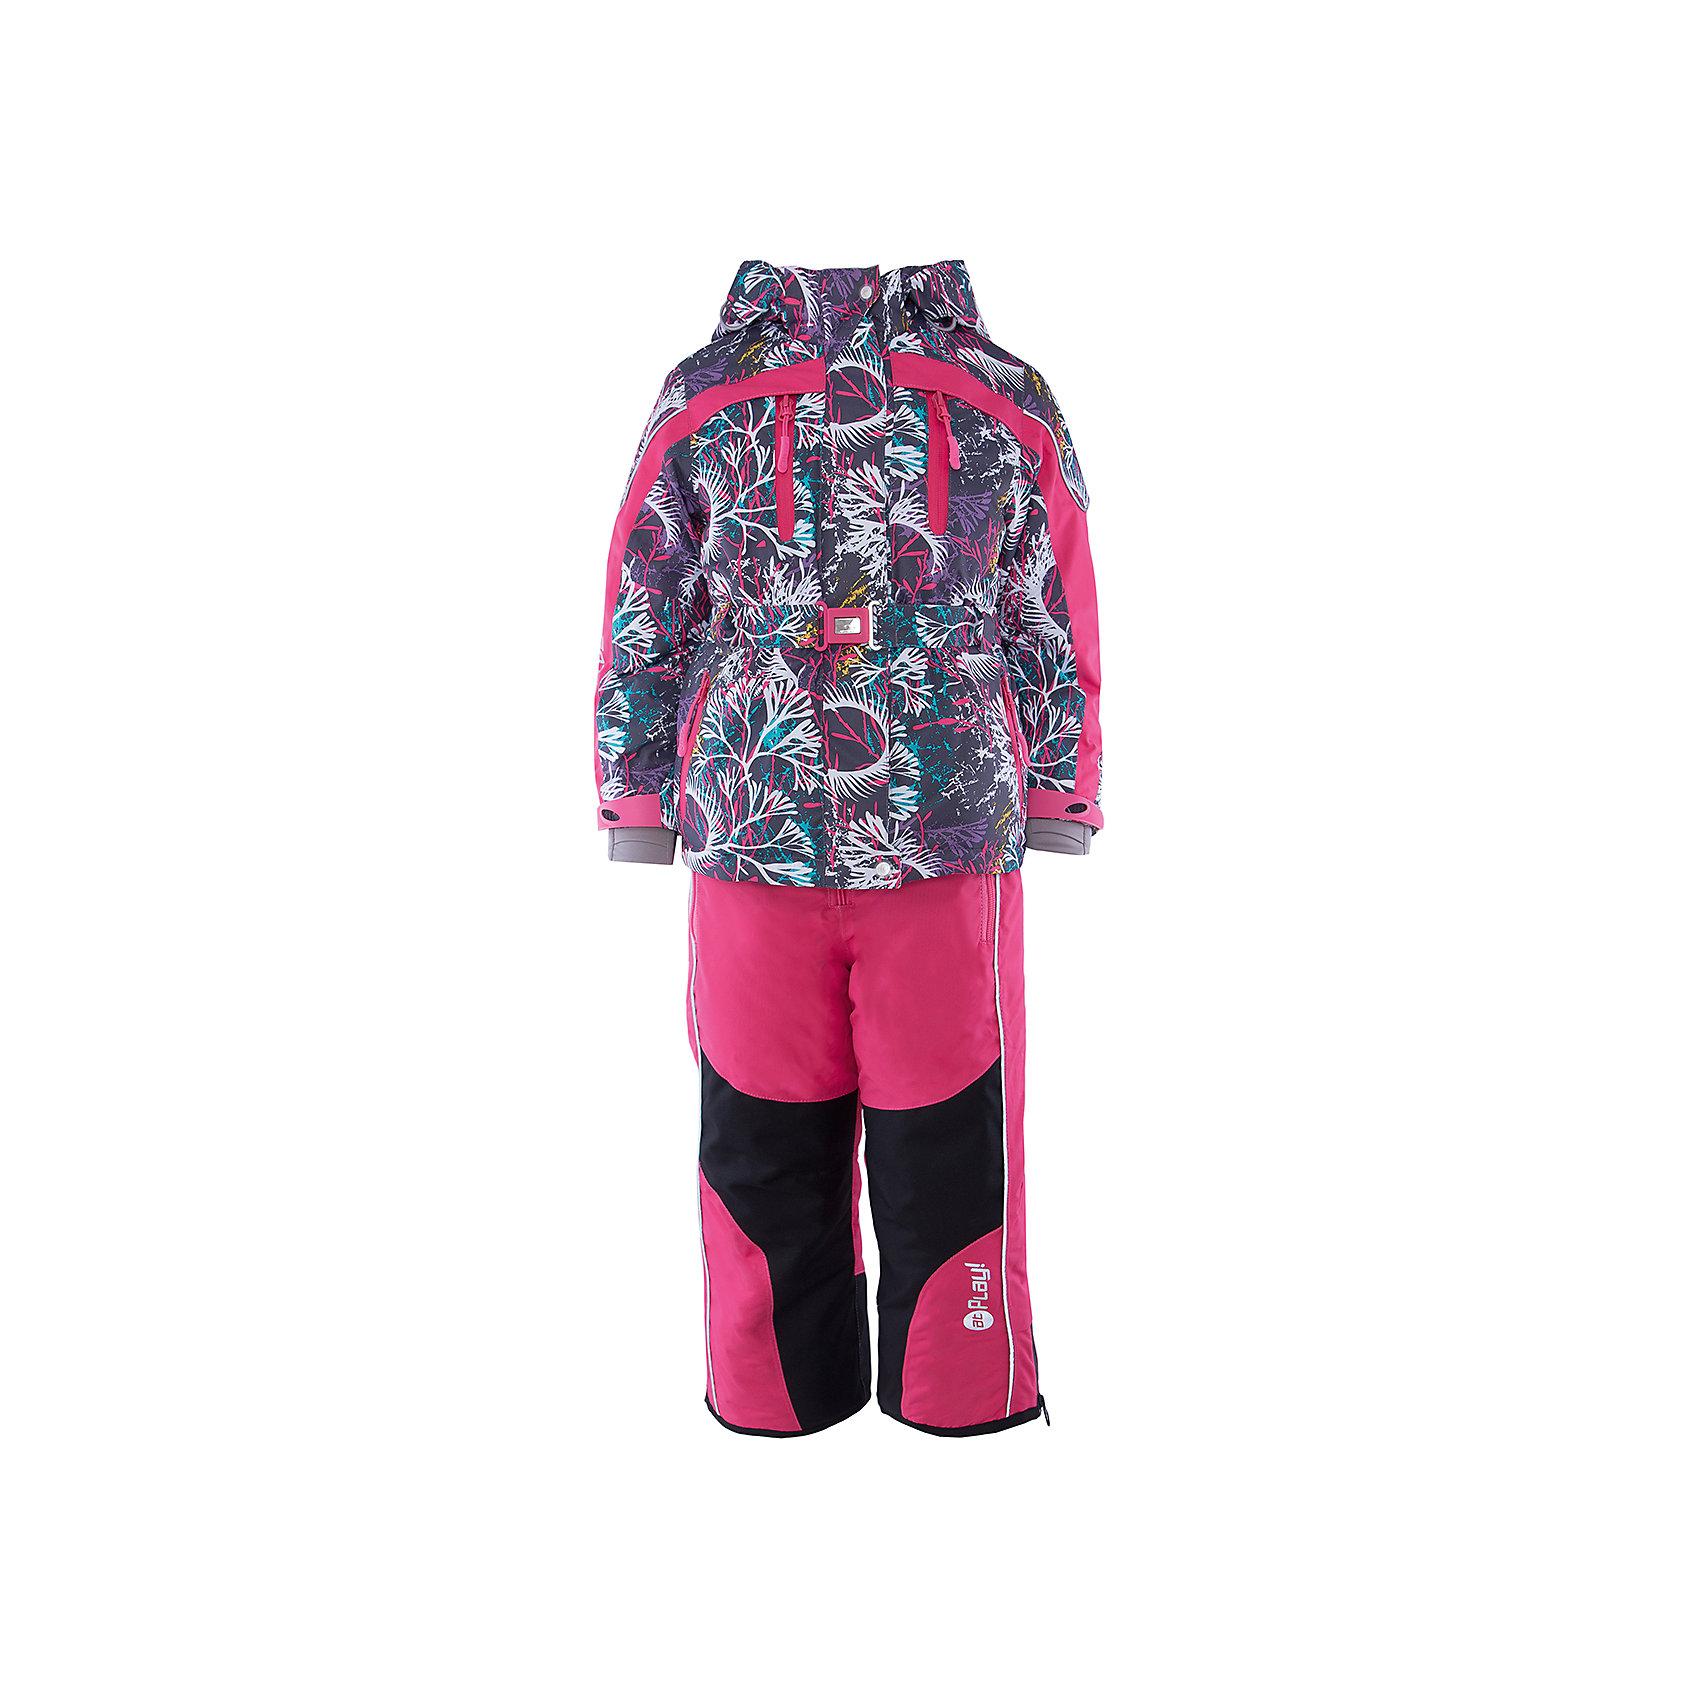 Компект: куртка и полукомбинезон для девочки atPlay!Верхняя одежда<br>С наступлением холодного сезона необходимо особенно тщательно подходить к подбору одежды для ребенка. Чтобы обеспечить ему тепло, сухость и комфорт, можно выбрать этот костюм, сшитый из мембранного материала.<br>Он позволяет коже дышать, помогает выводить лишнюю влагу, при этом не позволяет ребенку замерзнуть или промокнуть. Выглядит при этом модель очень симпатично! Изделие выполнено очень качественно. Фурнитура для него подбиралась с учетом особенностей детского организма. В комплекте идет курточка и полукомбинезон.<br><br>Дополнительная информация:<br><br>цвет: розовый;<br>материал: полиэстер, фурнитура YKK, водо- и грязеотталкивающее покрытие Teflon, нижний комбинезон - флис;<br>утеплитель: Thinsulate 150 г;<br>температурный режим: от -25° С до +5° С;<br>мягкие элементы на капюшоне и воротнике;<br>паропроницаемость: 10000 г / м.куб. / 24 ч;<br>водонепроницаемость: 10000 мм / 24 ч;<br>швы проклеены;<br>капюшон регулируется.<br><br>Костюм для девочки от бренда atPlay! можно приобрести в нашем интернет-магазине.<br><br>Ширина мм: 356<br>Глубина мм: 10<br>Высота мм: 245<br>Вес г: 519<br>Цвет: розовый<br>Возраст от месяцев: 36<br>Возраст до месяцев: 48<br>Пол: Женский<br>Возраст: Детский<br>Размер: 104,128,110,116,122<br>SKU: 4973809